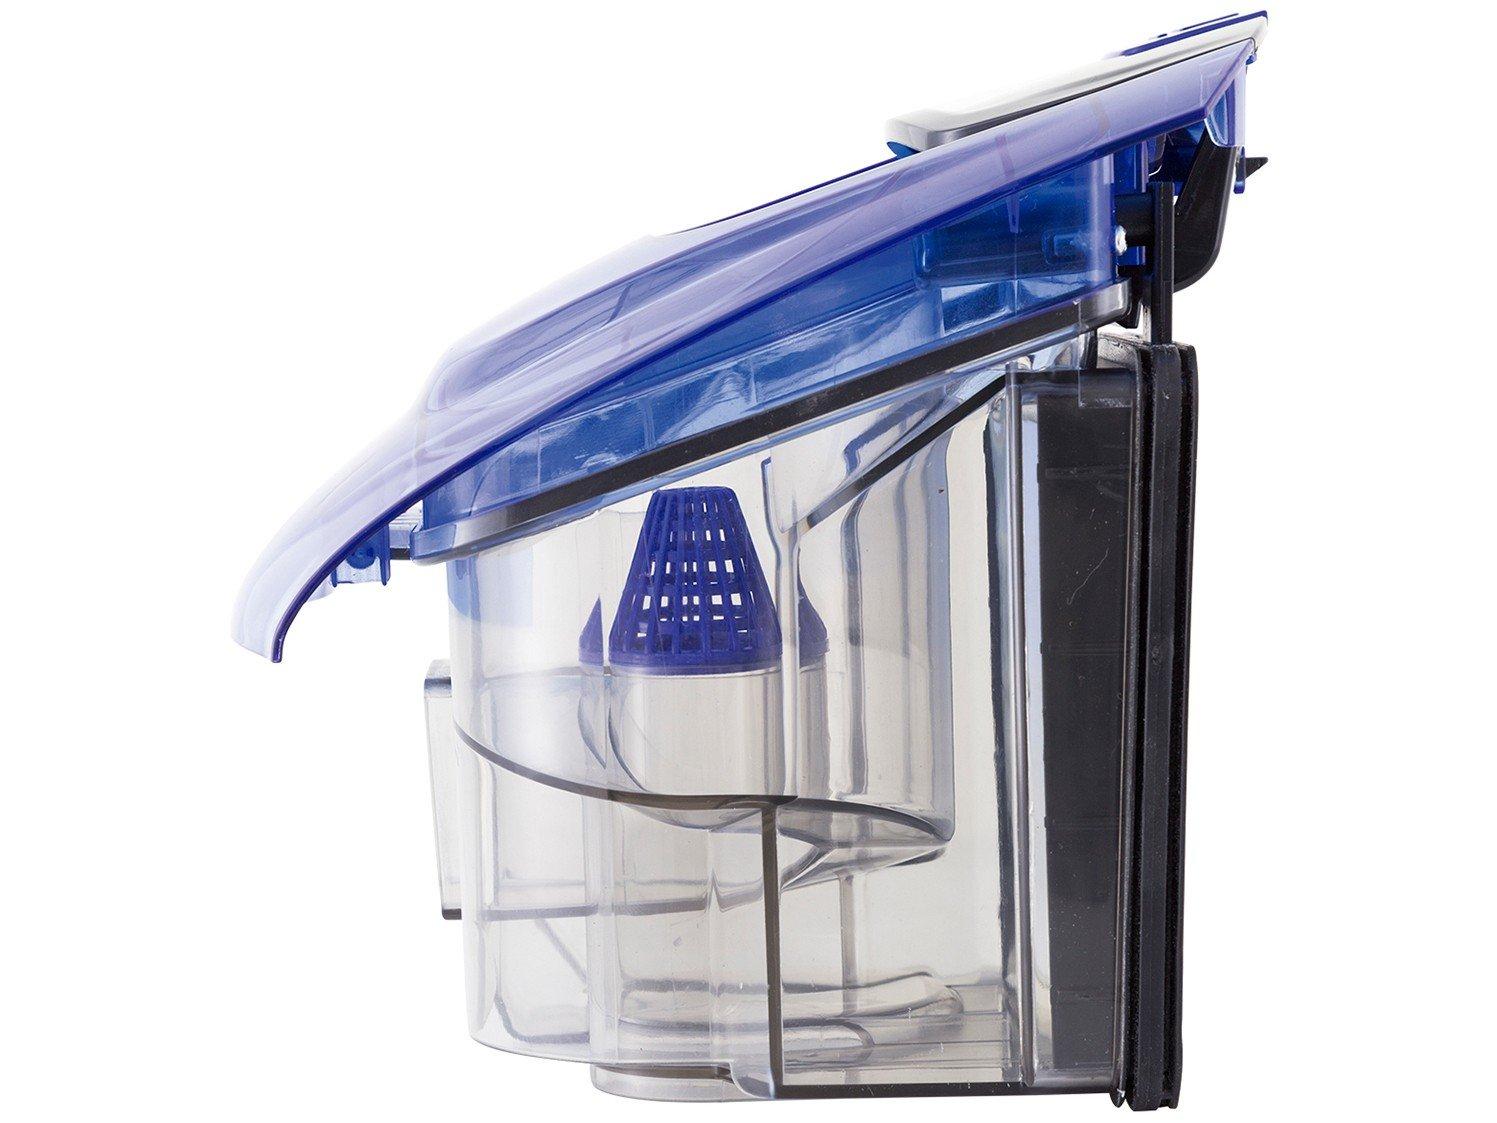 Aspirador de Pó Philco PH1410 1400W - Preto/Azul - 110v - 4